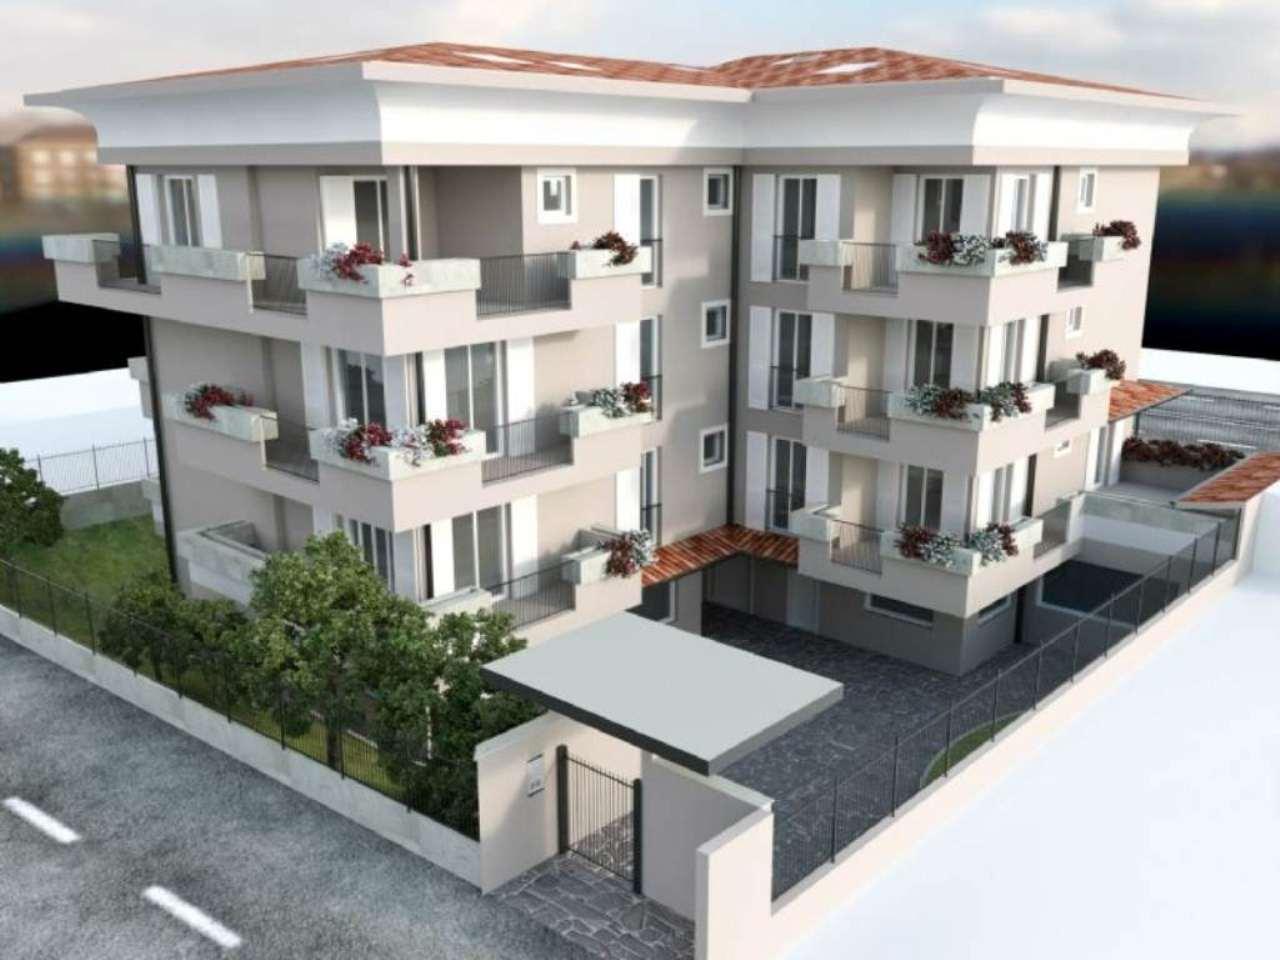 Attico / Mansarda in vendita a Inzago, 1 locali, prezzo € 375.000 | Cambio Casa.it